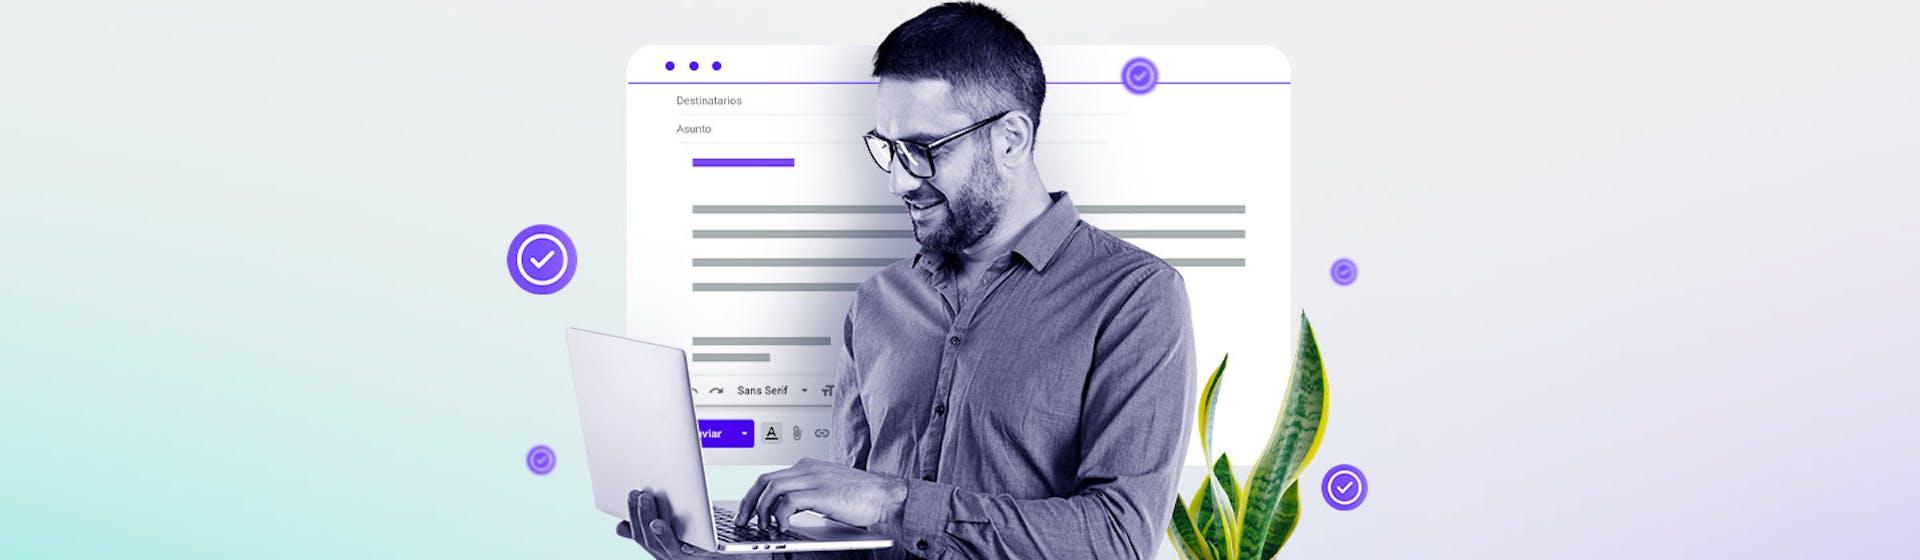 ¿Cómo redactar un correo para enviar un CV? Consejos para llamar la atención de los reclutadores